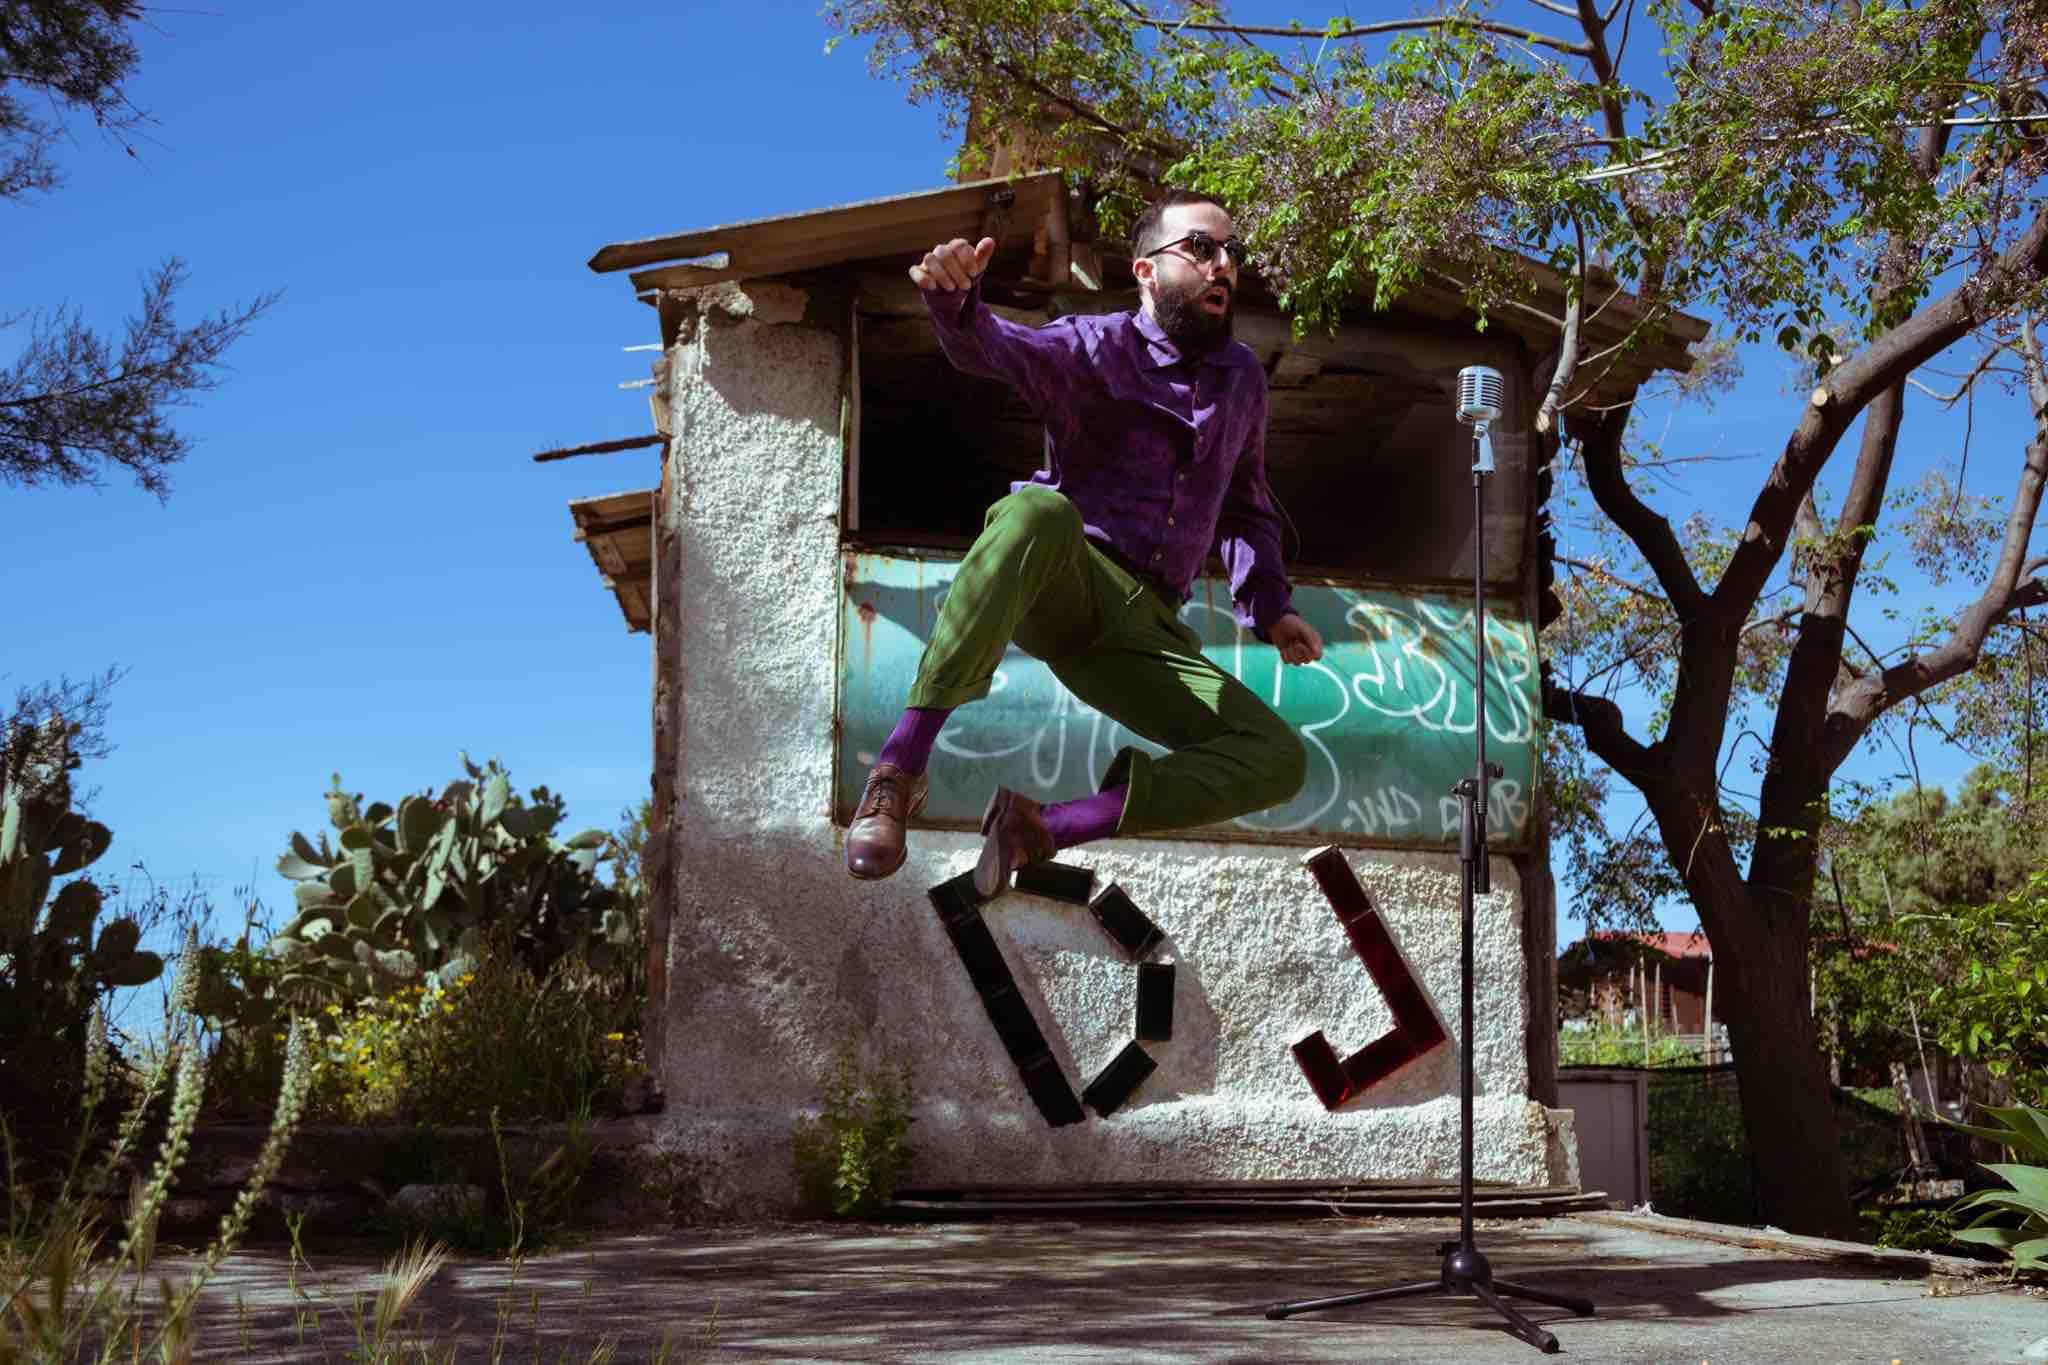 ragazzo-salta-microfono-casa-dj-cielo-alberi